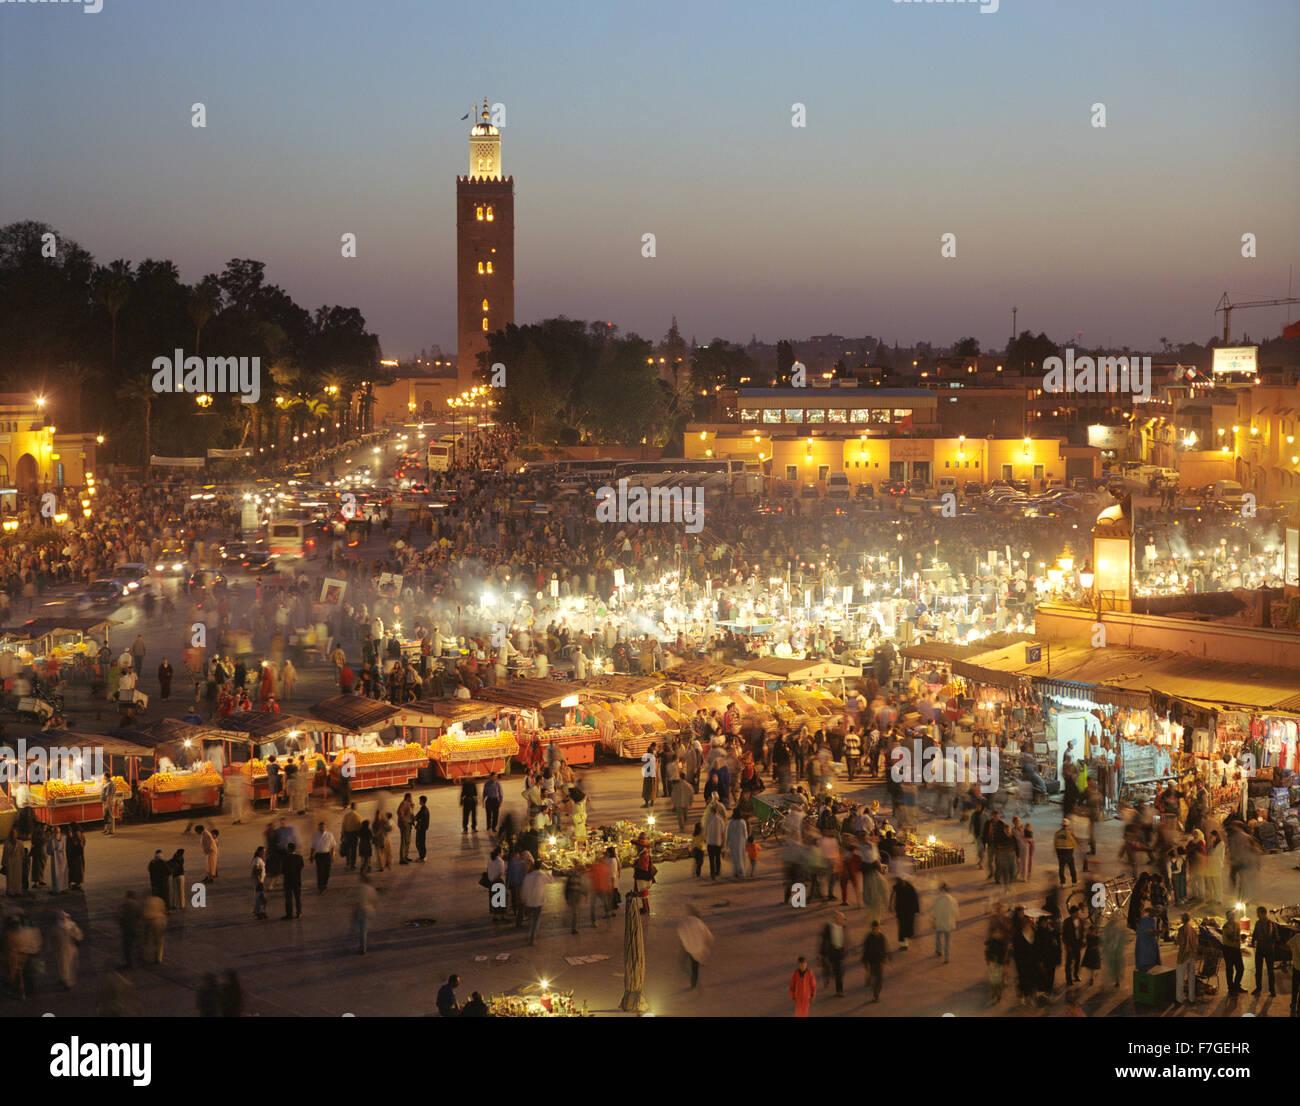 Una vista di bancarelle prodotti alimentari nel mercato e piazza Place piazza Jema al Fna a Marrakech al crepuscolo. Immagini Stock